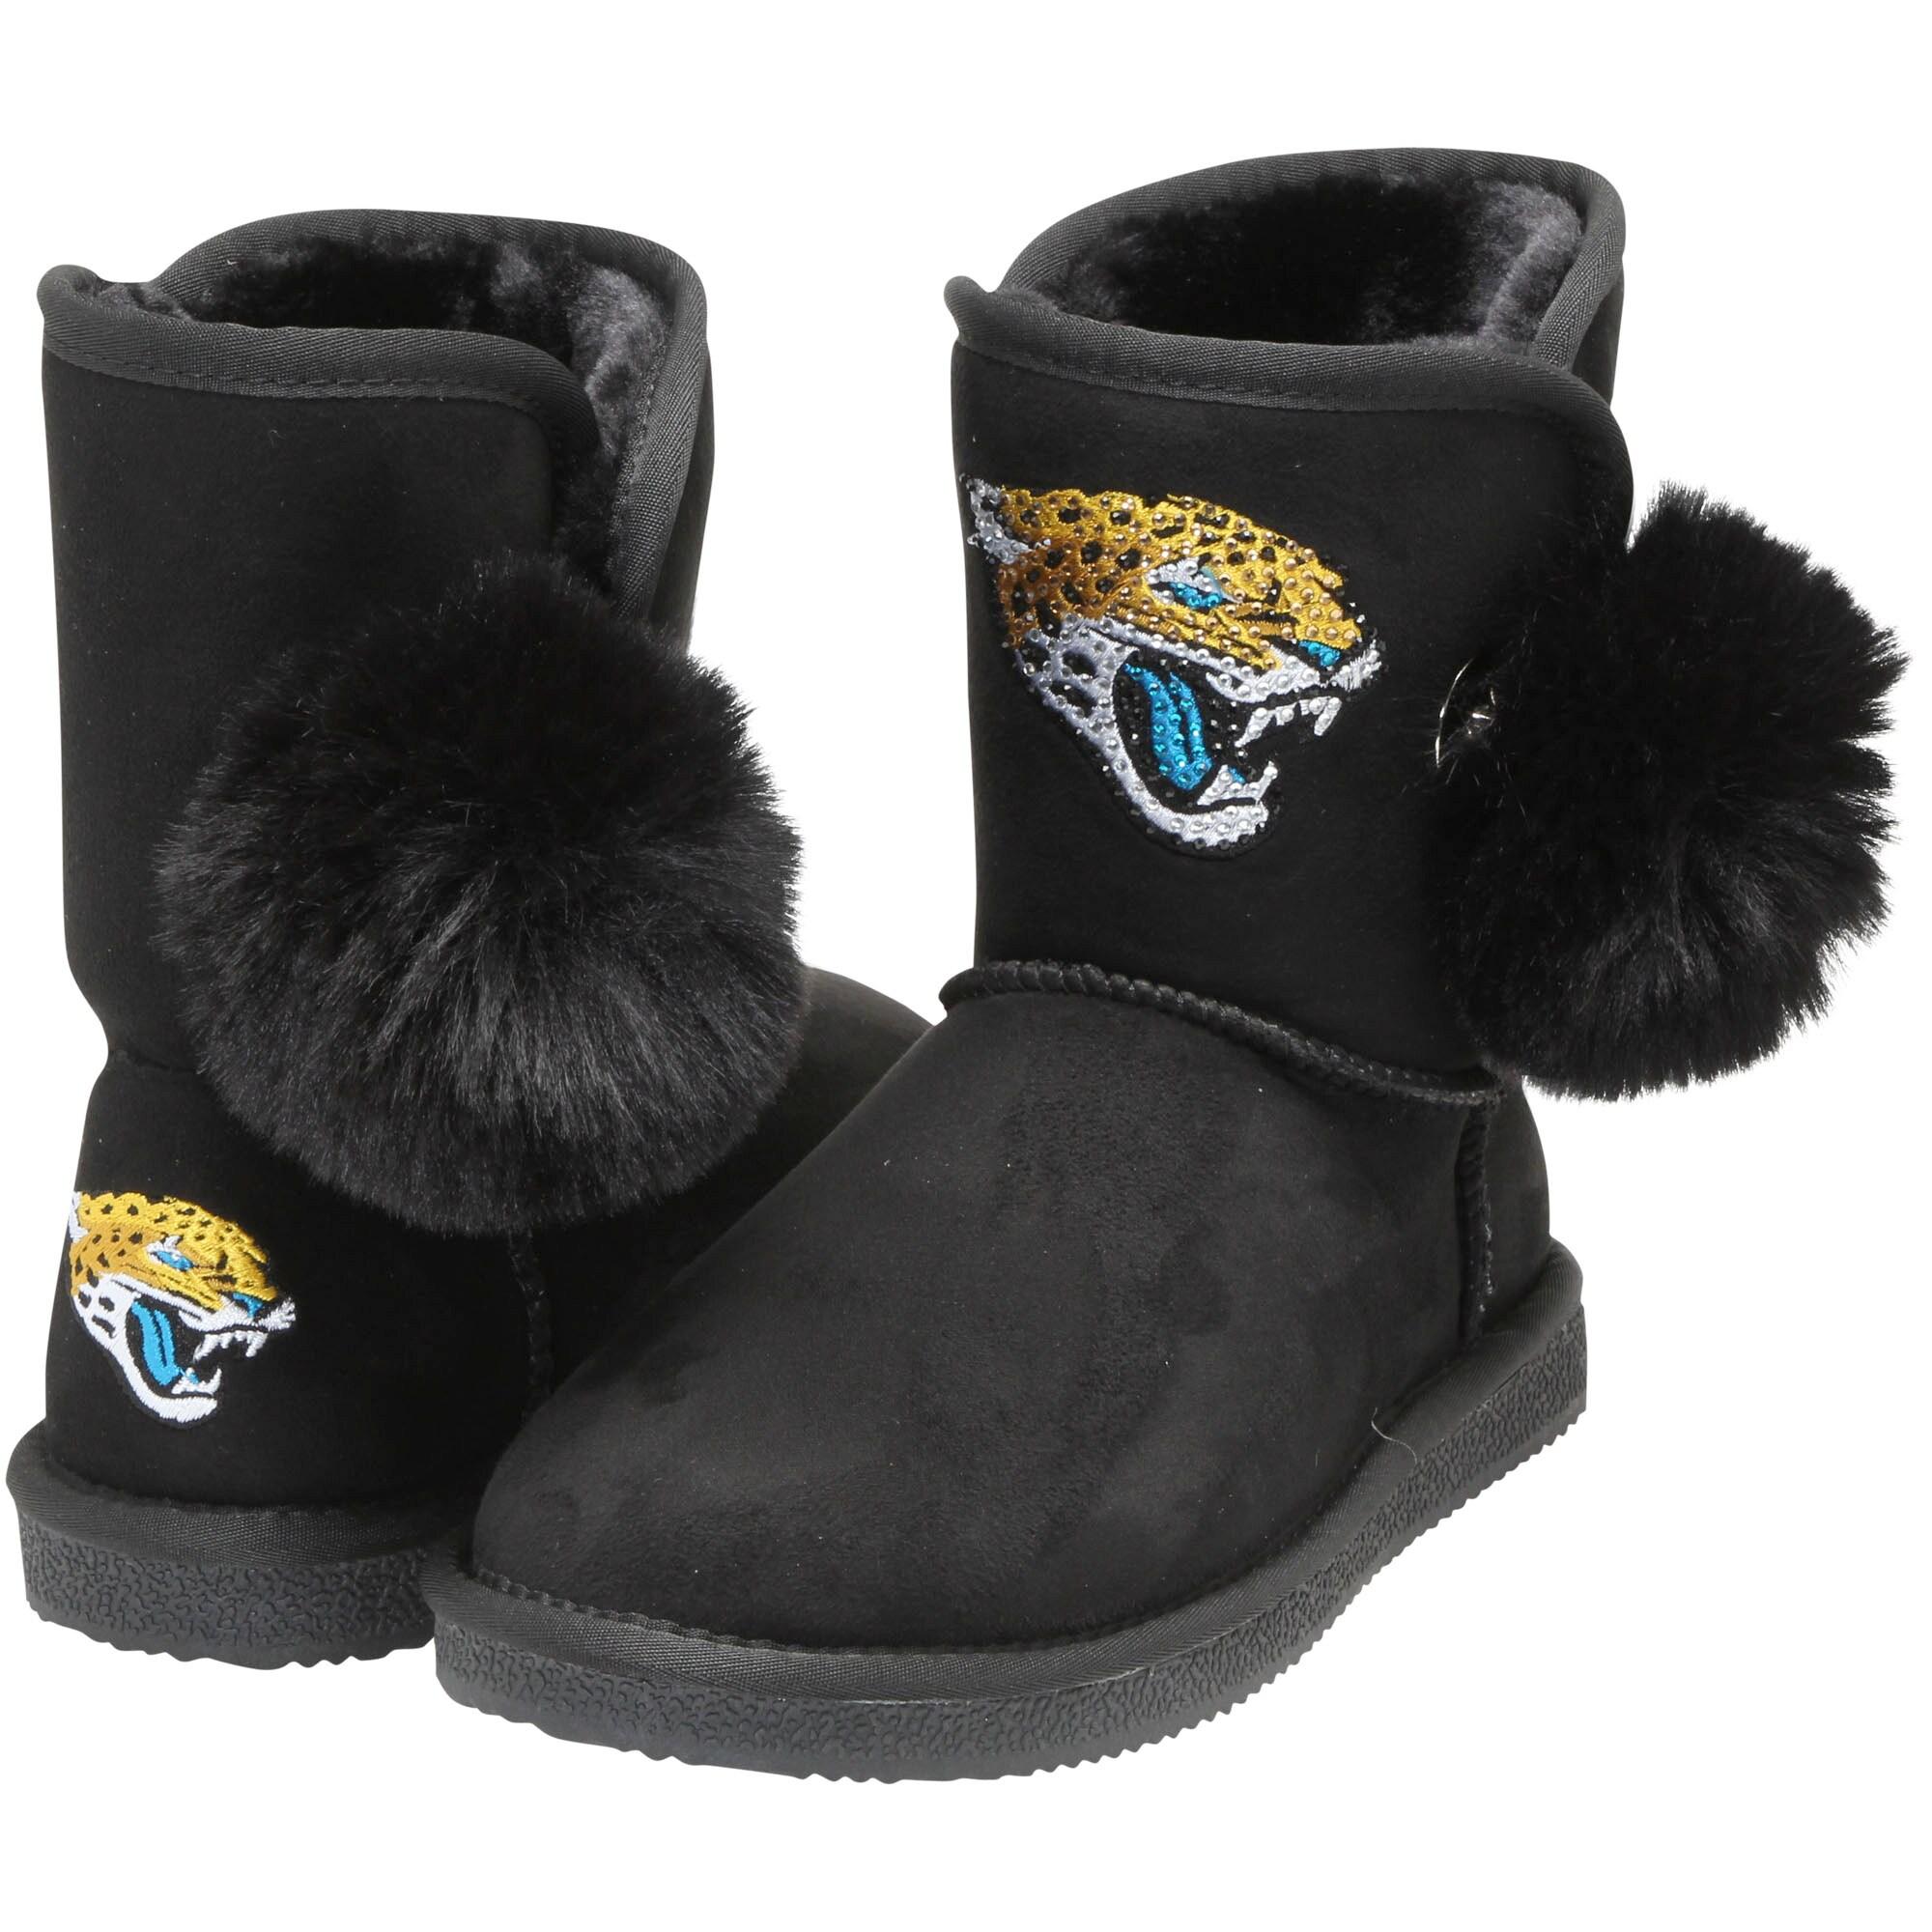 Jacksonville Jaguars Cuce Women's The Fumble Faux Fur Boots - Black